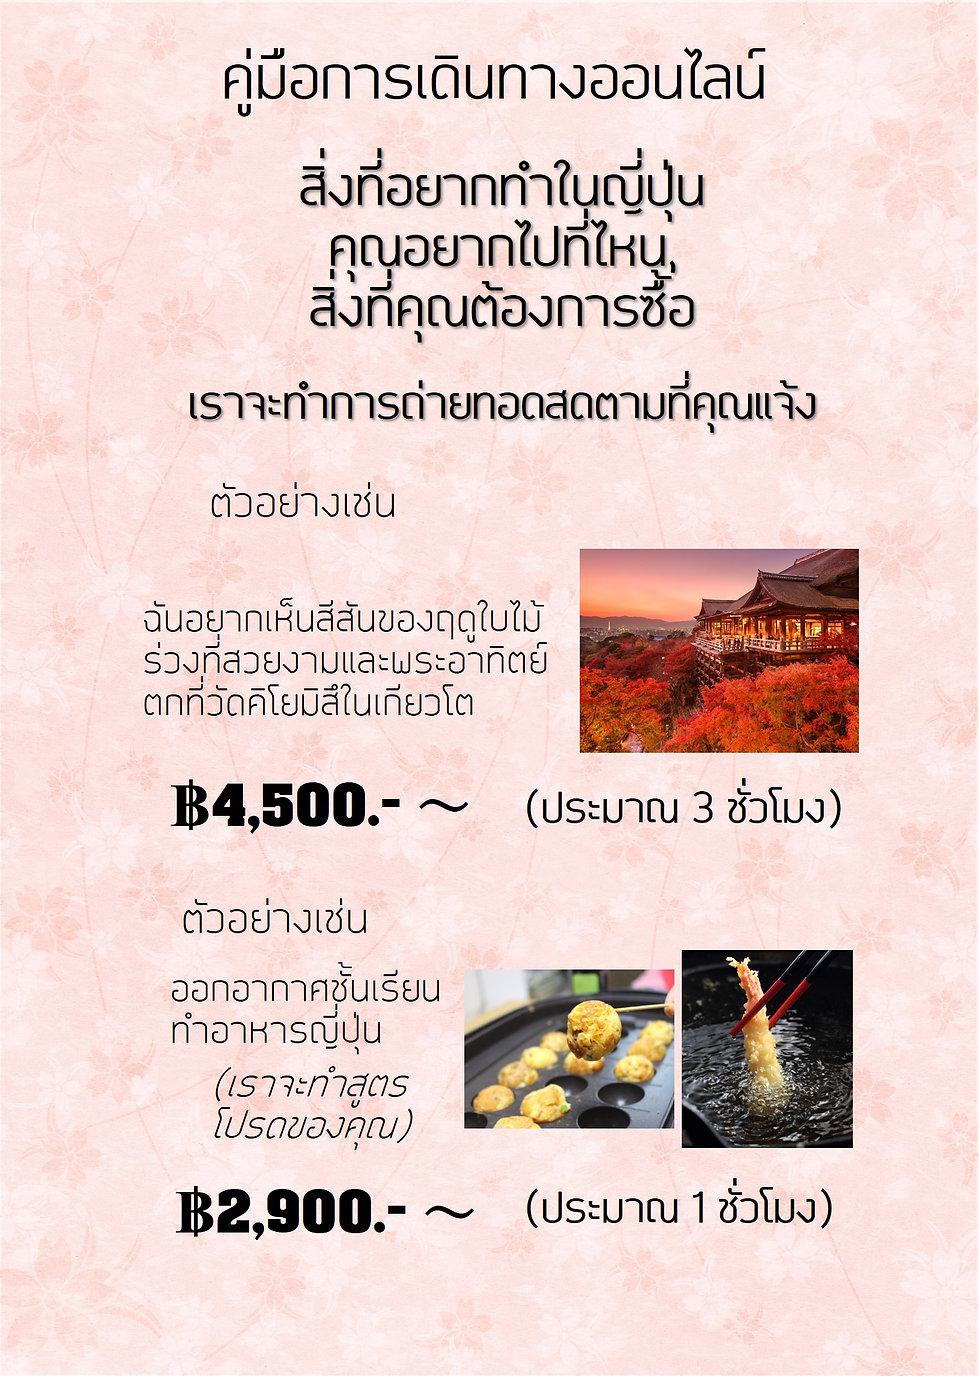 タイ語 オンラインツアー パワポ1.jpg